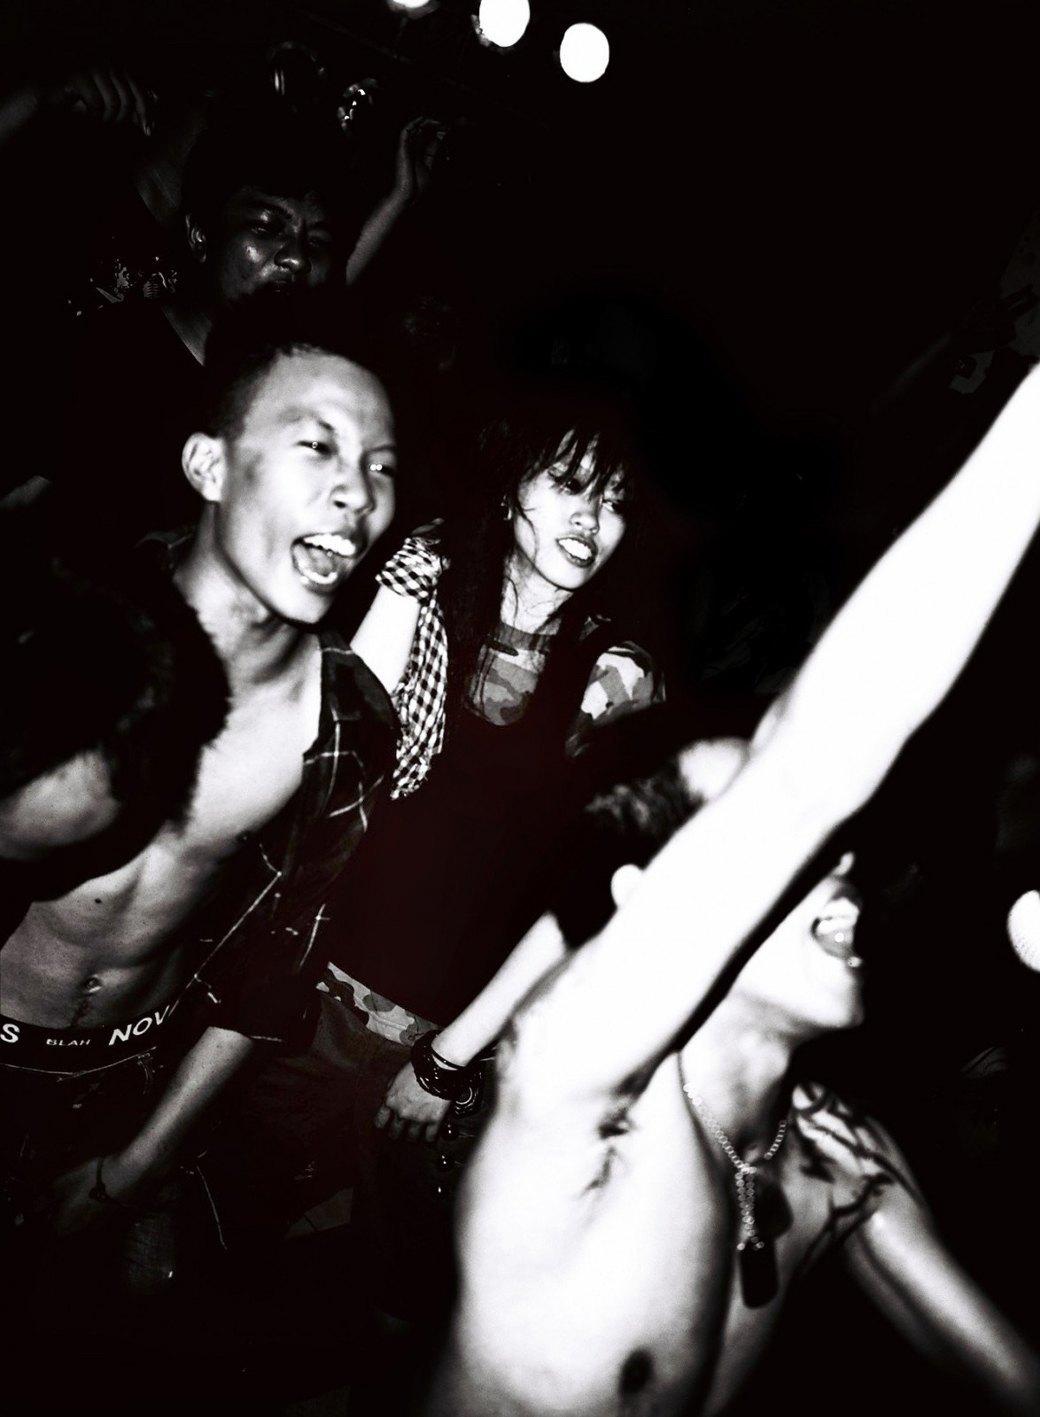 Азиатский андеграунд: Панк, грайндкор и экстремальный метал по-вьетнамски . Изображение № 18.